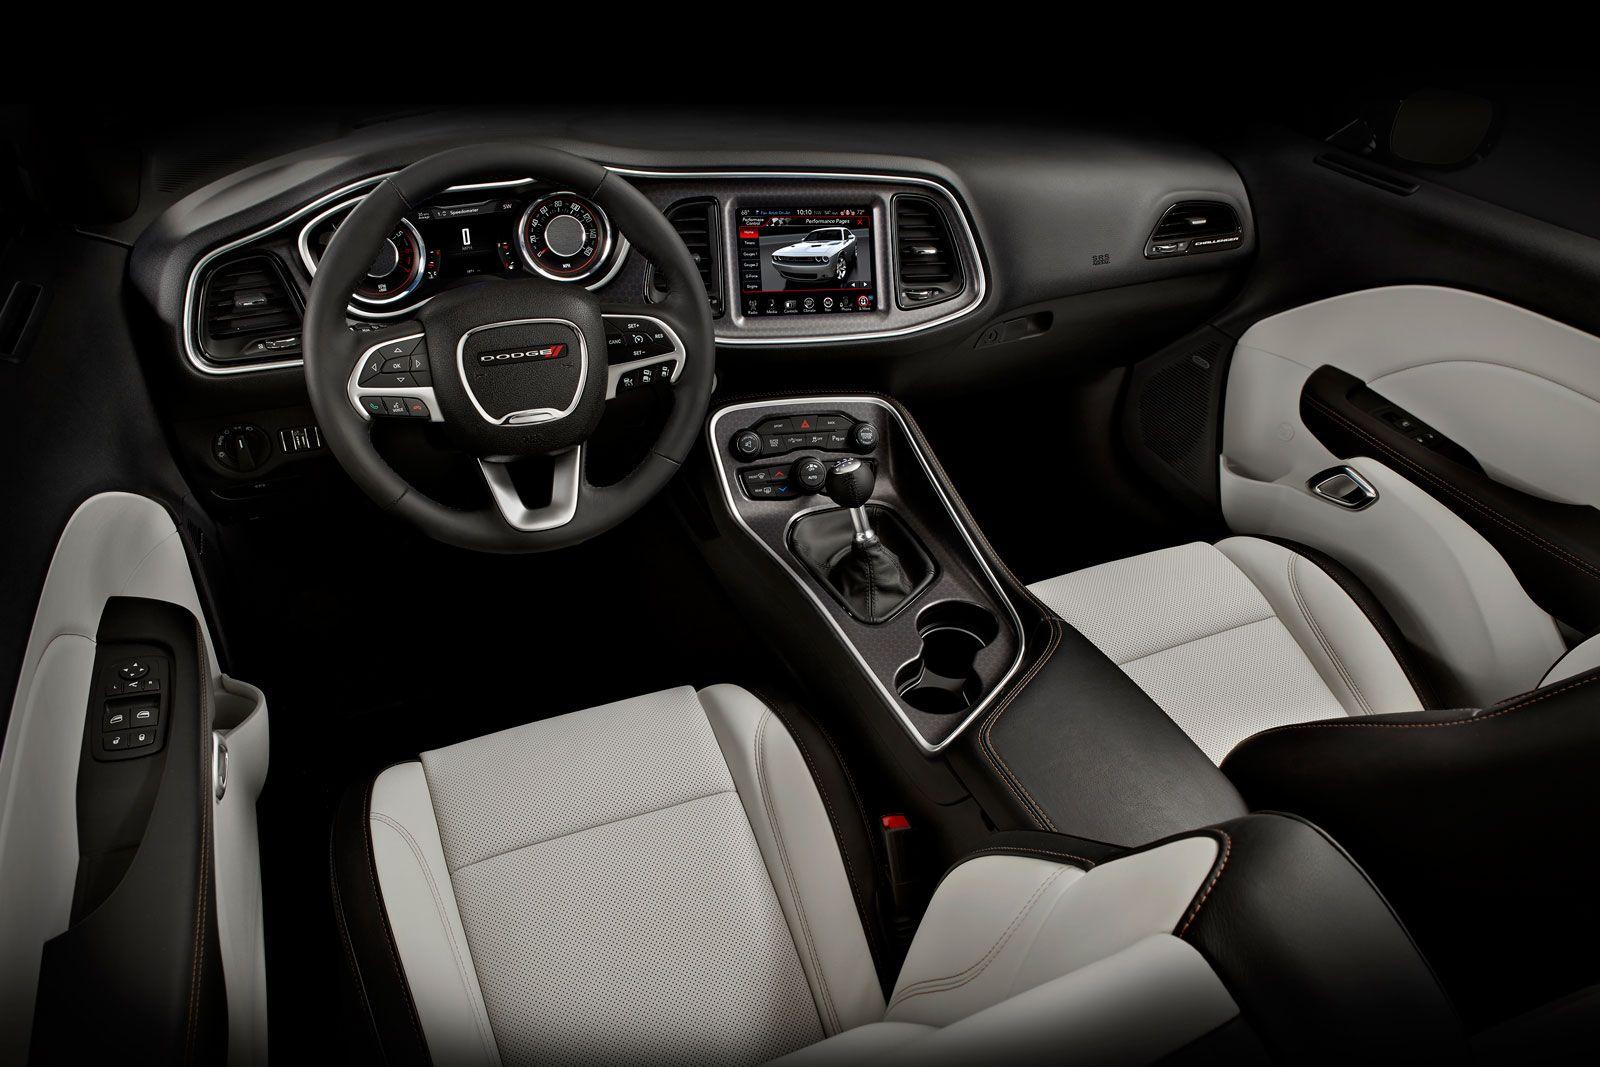 2015 Dodge Challenger Interior 01 1600—1067